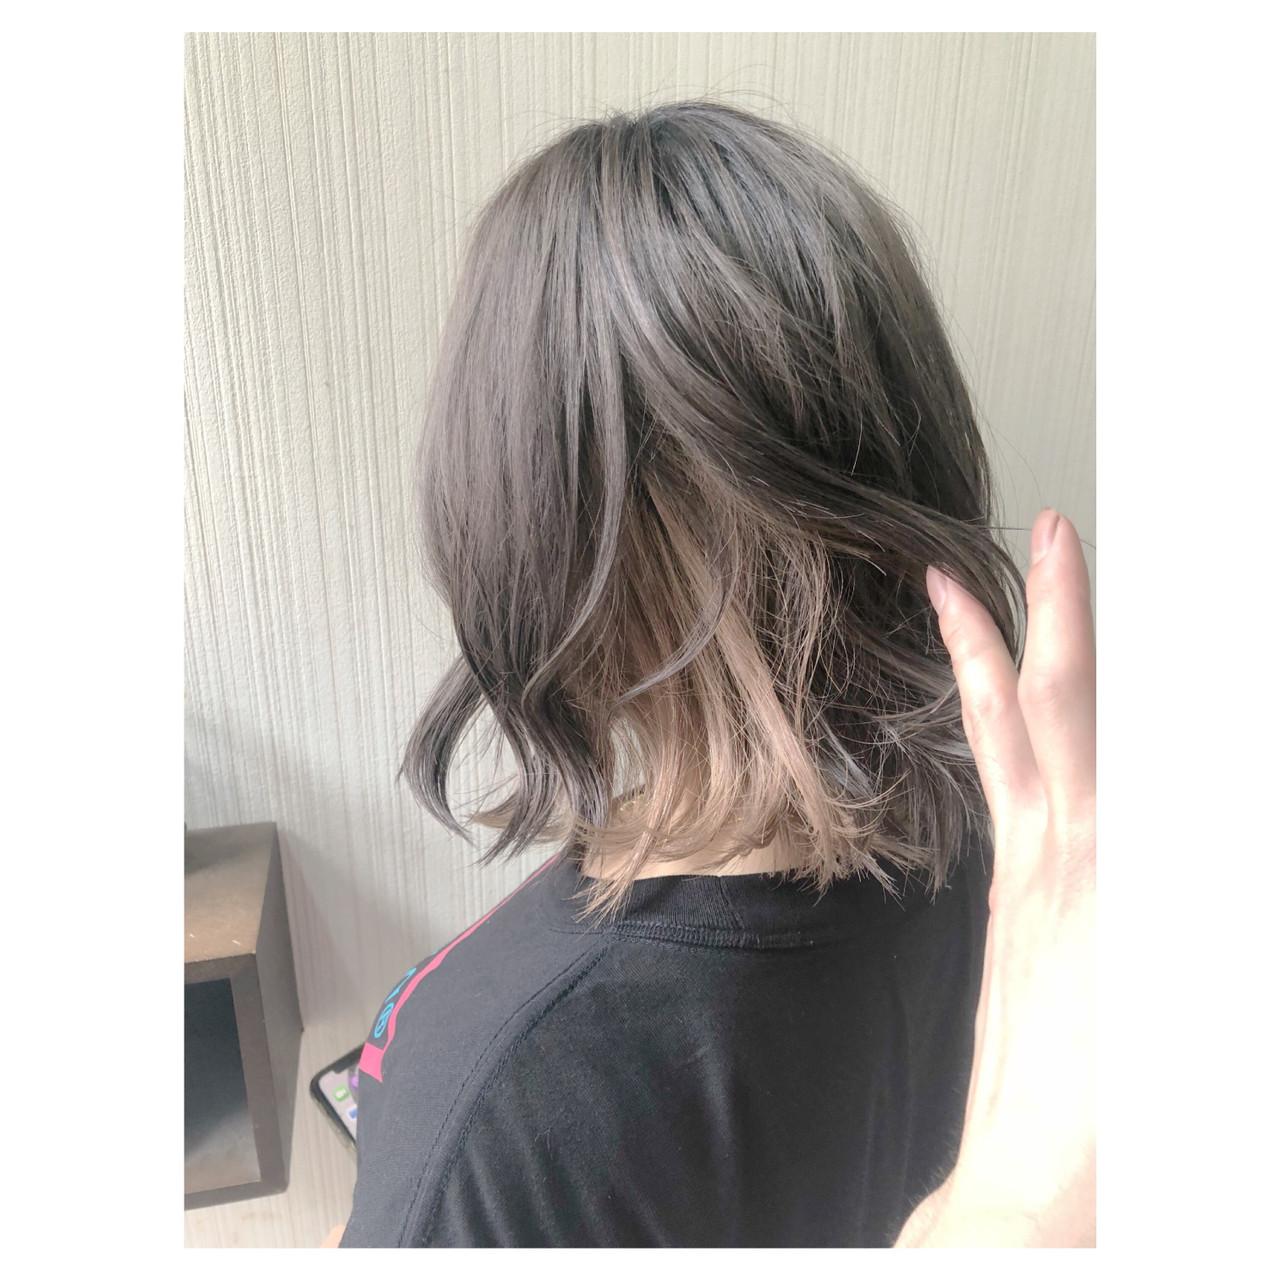 アンニュイほつれヘア インナーカラー フェミニン グレージュ ヘアスタイルや髪型の写真・画像 | クラ / TOMCAT